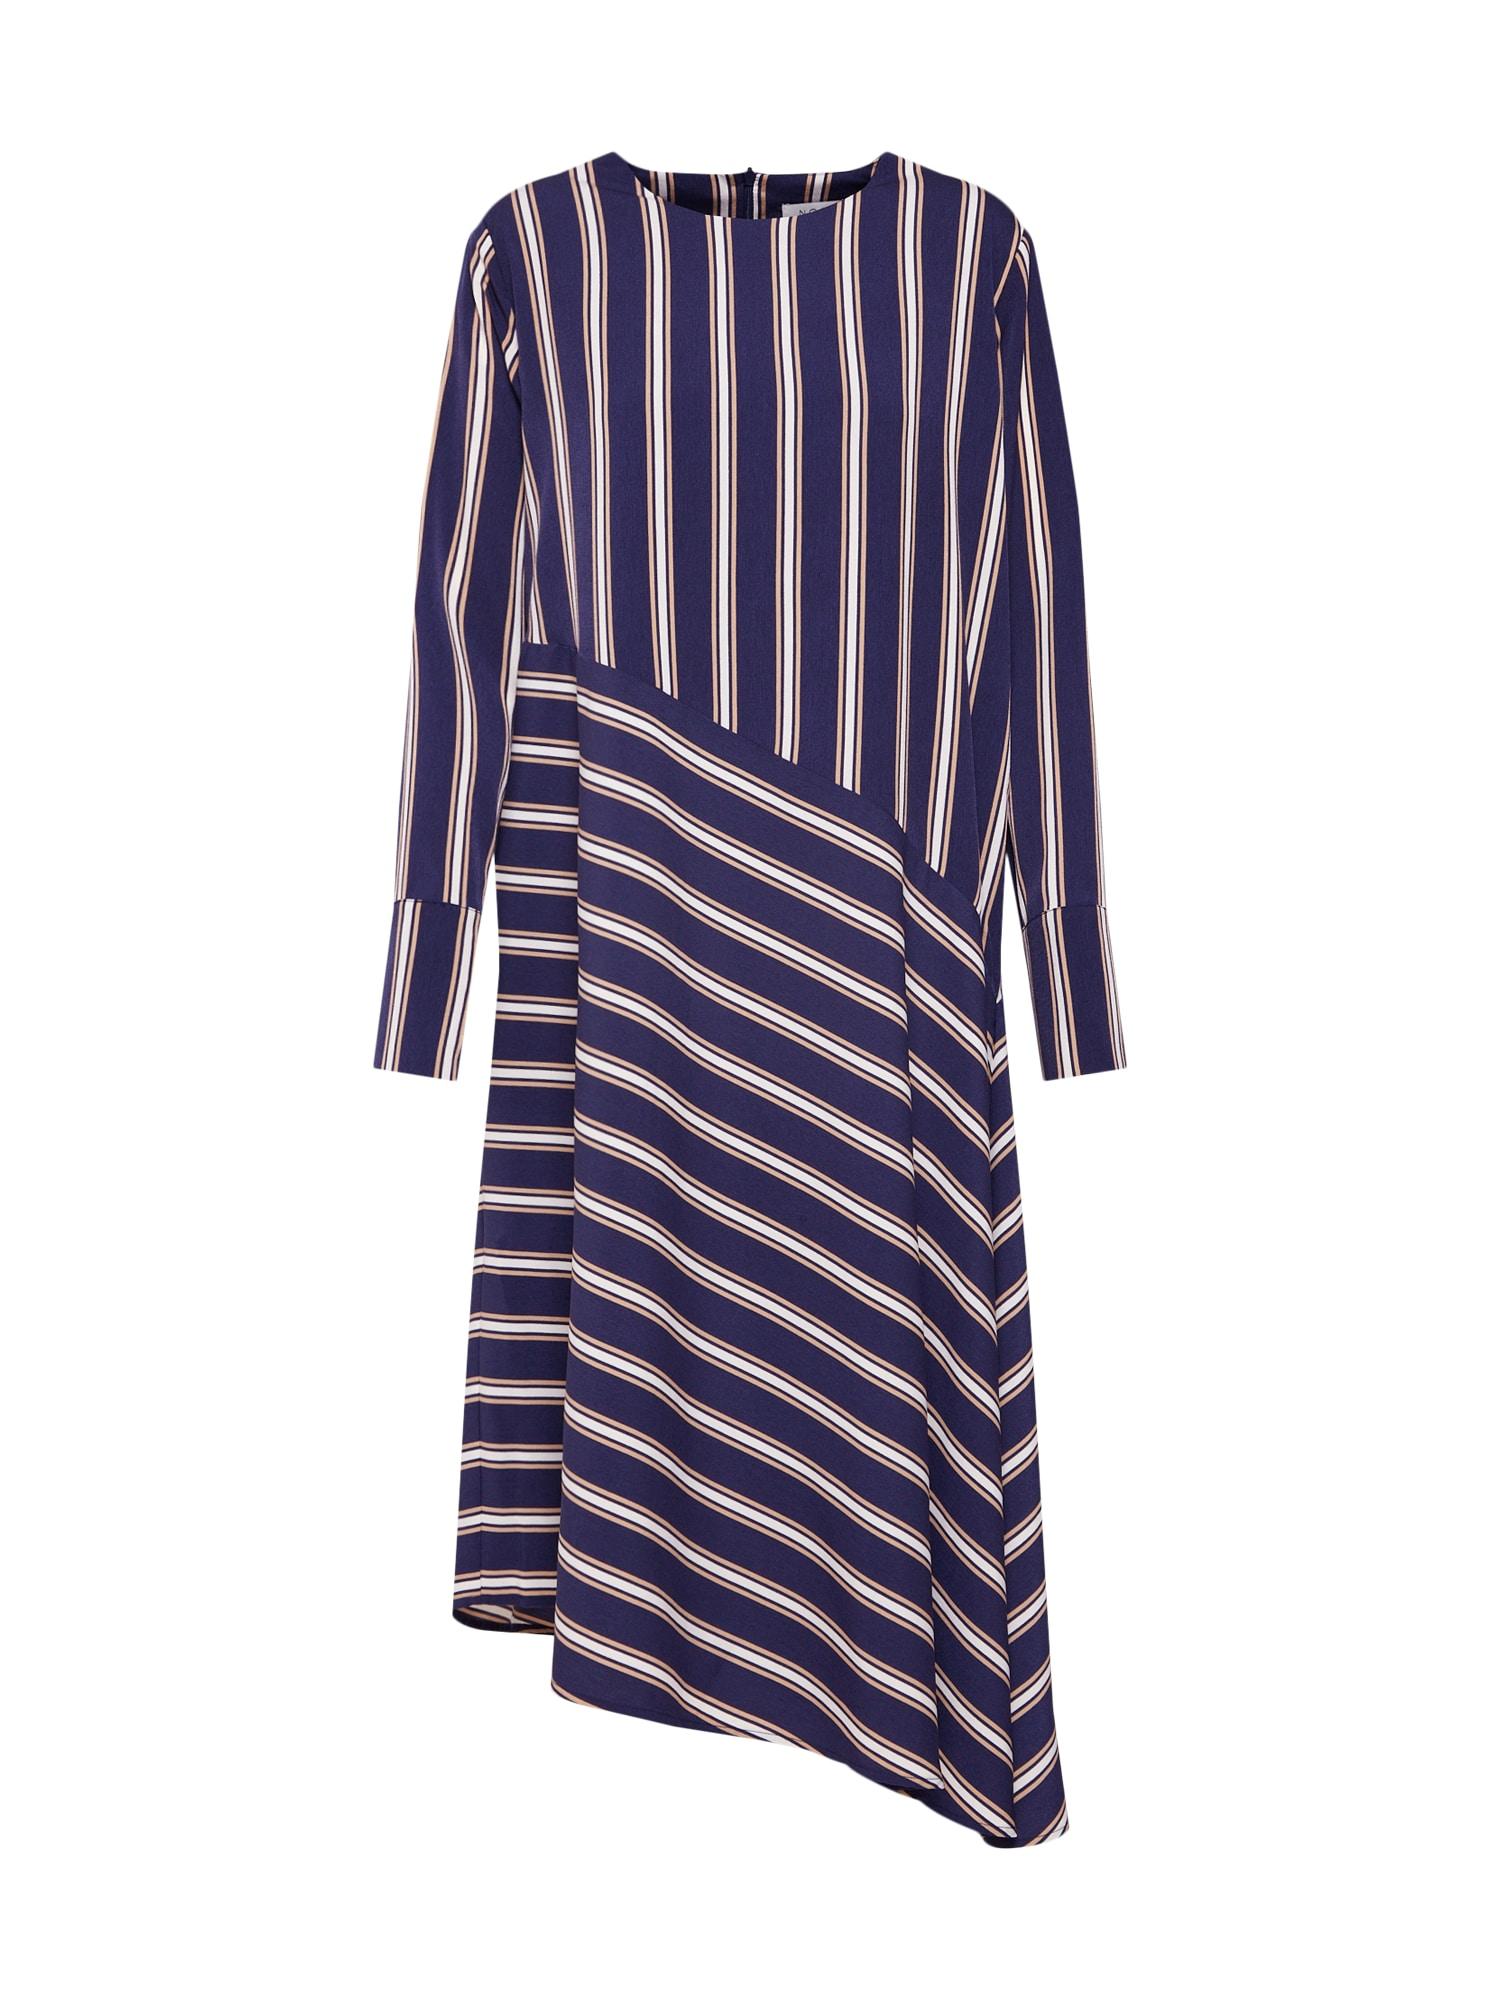 Šaty Bobbi Dress modrá džínovina NORR